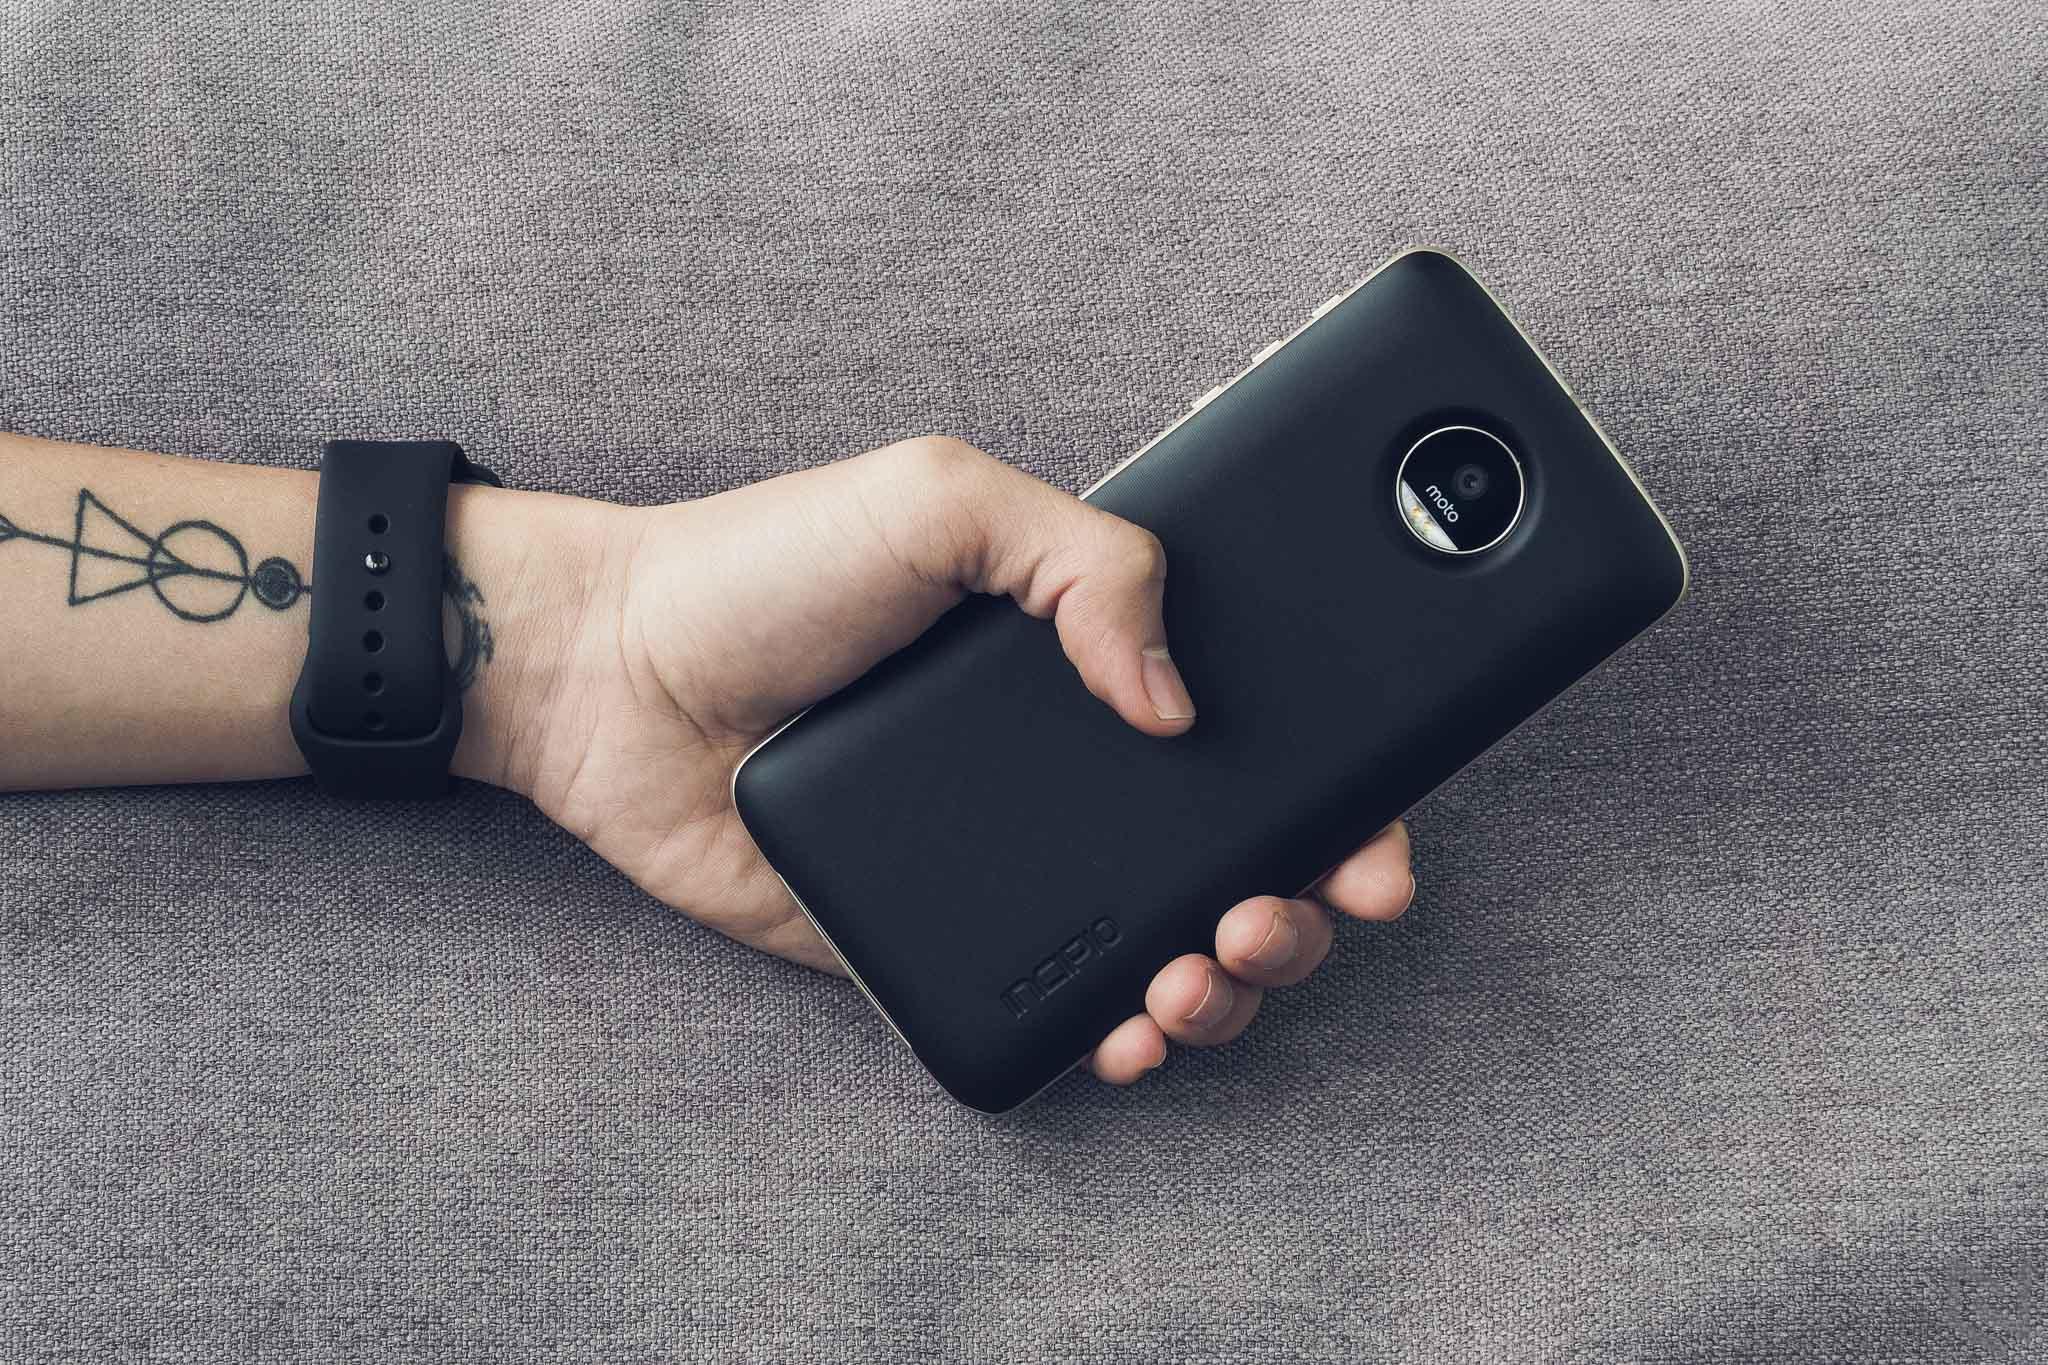 Thử nghiệm mod Power Bank cho Moto Z: thiết kế ổn, đề cao tính tiện lợi